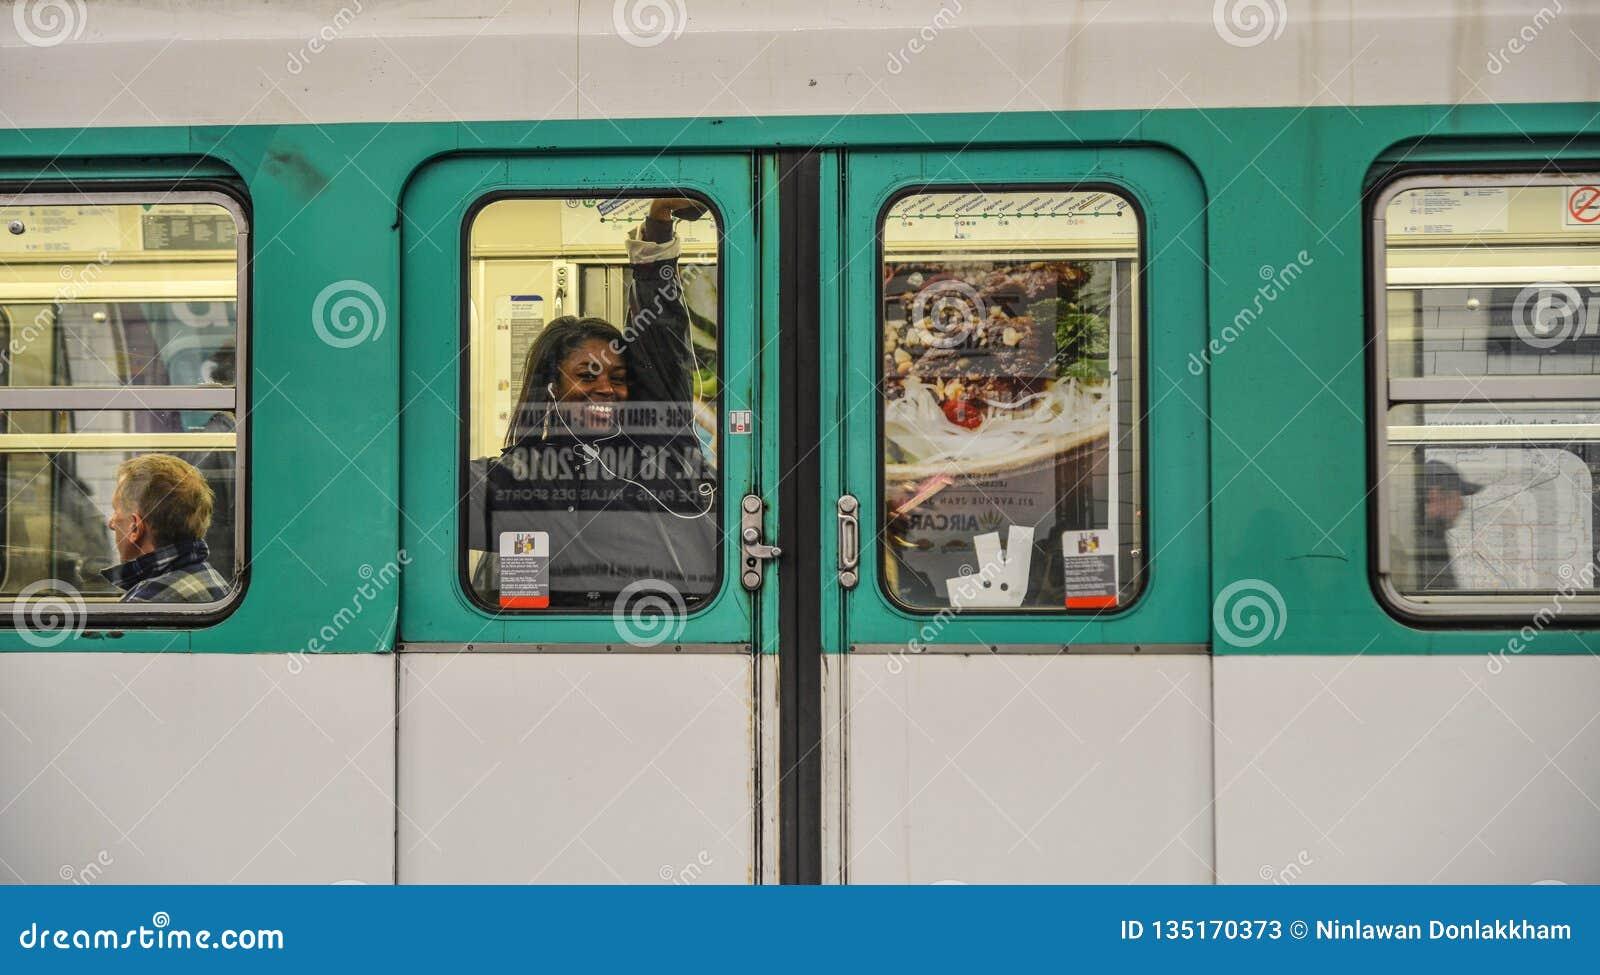 Ένα τραίνο μετρό στο Παρίσι, Γαλλία